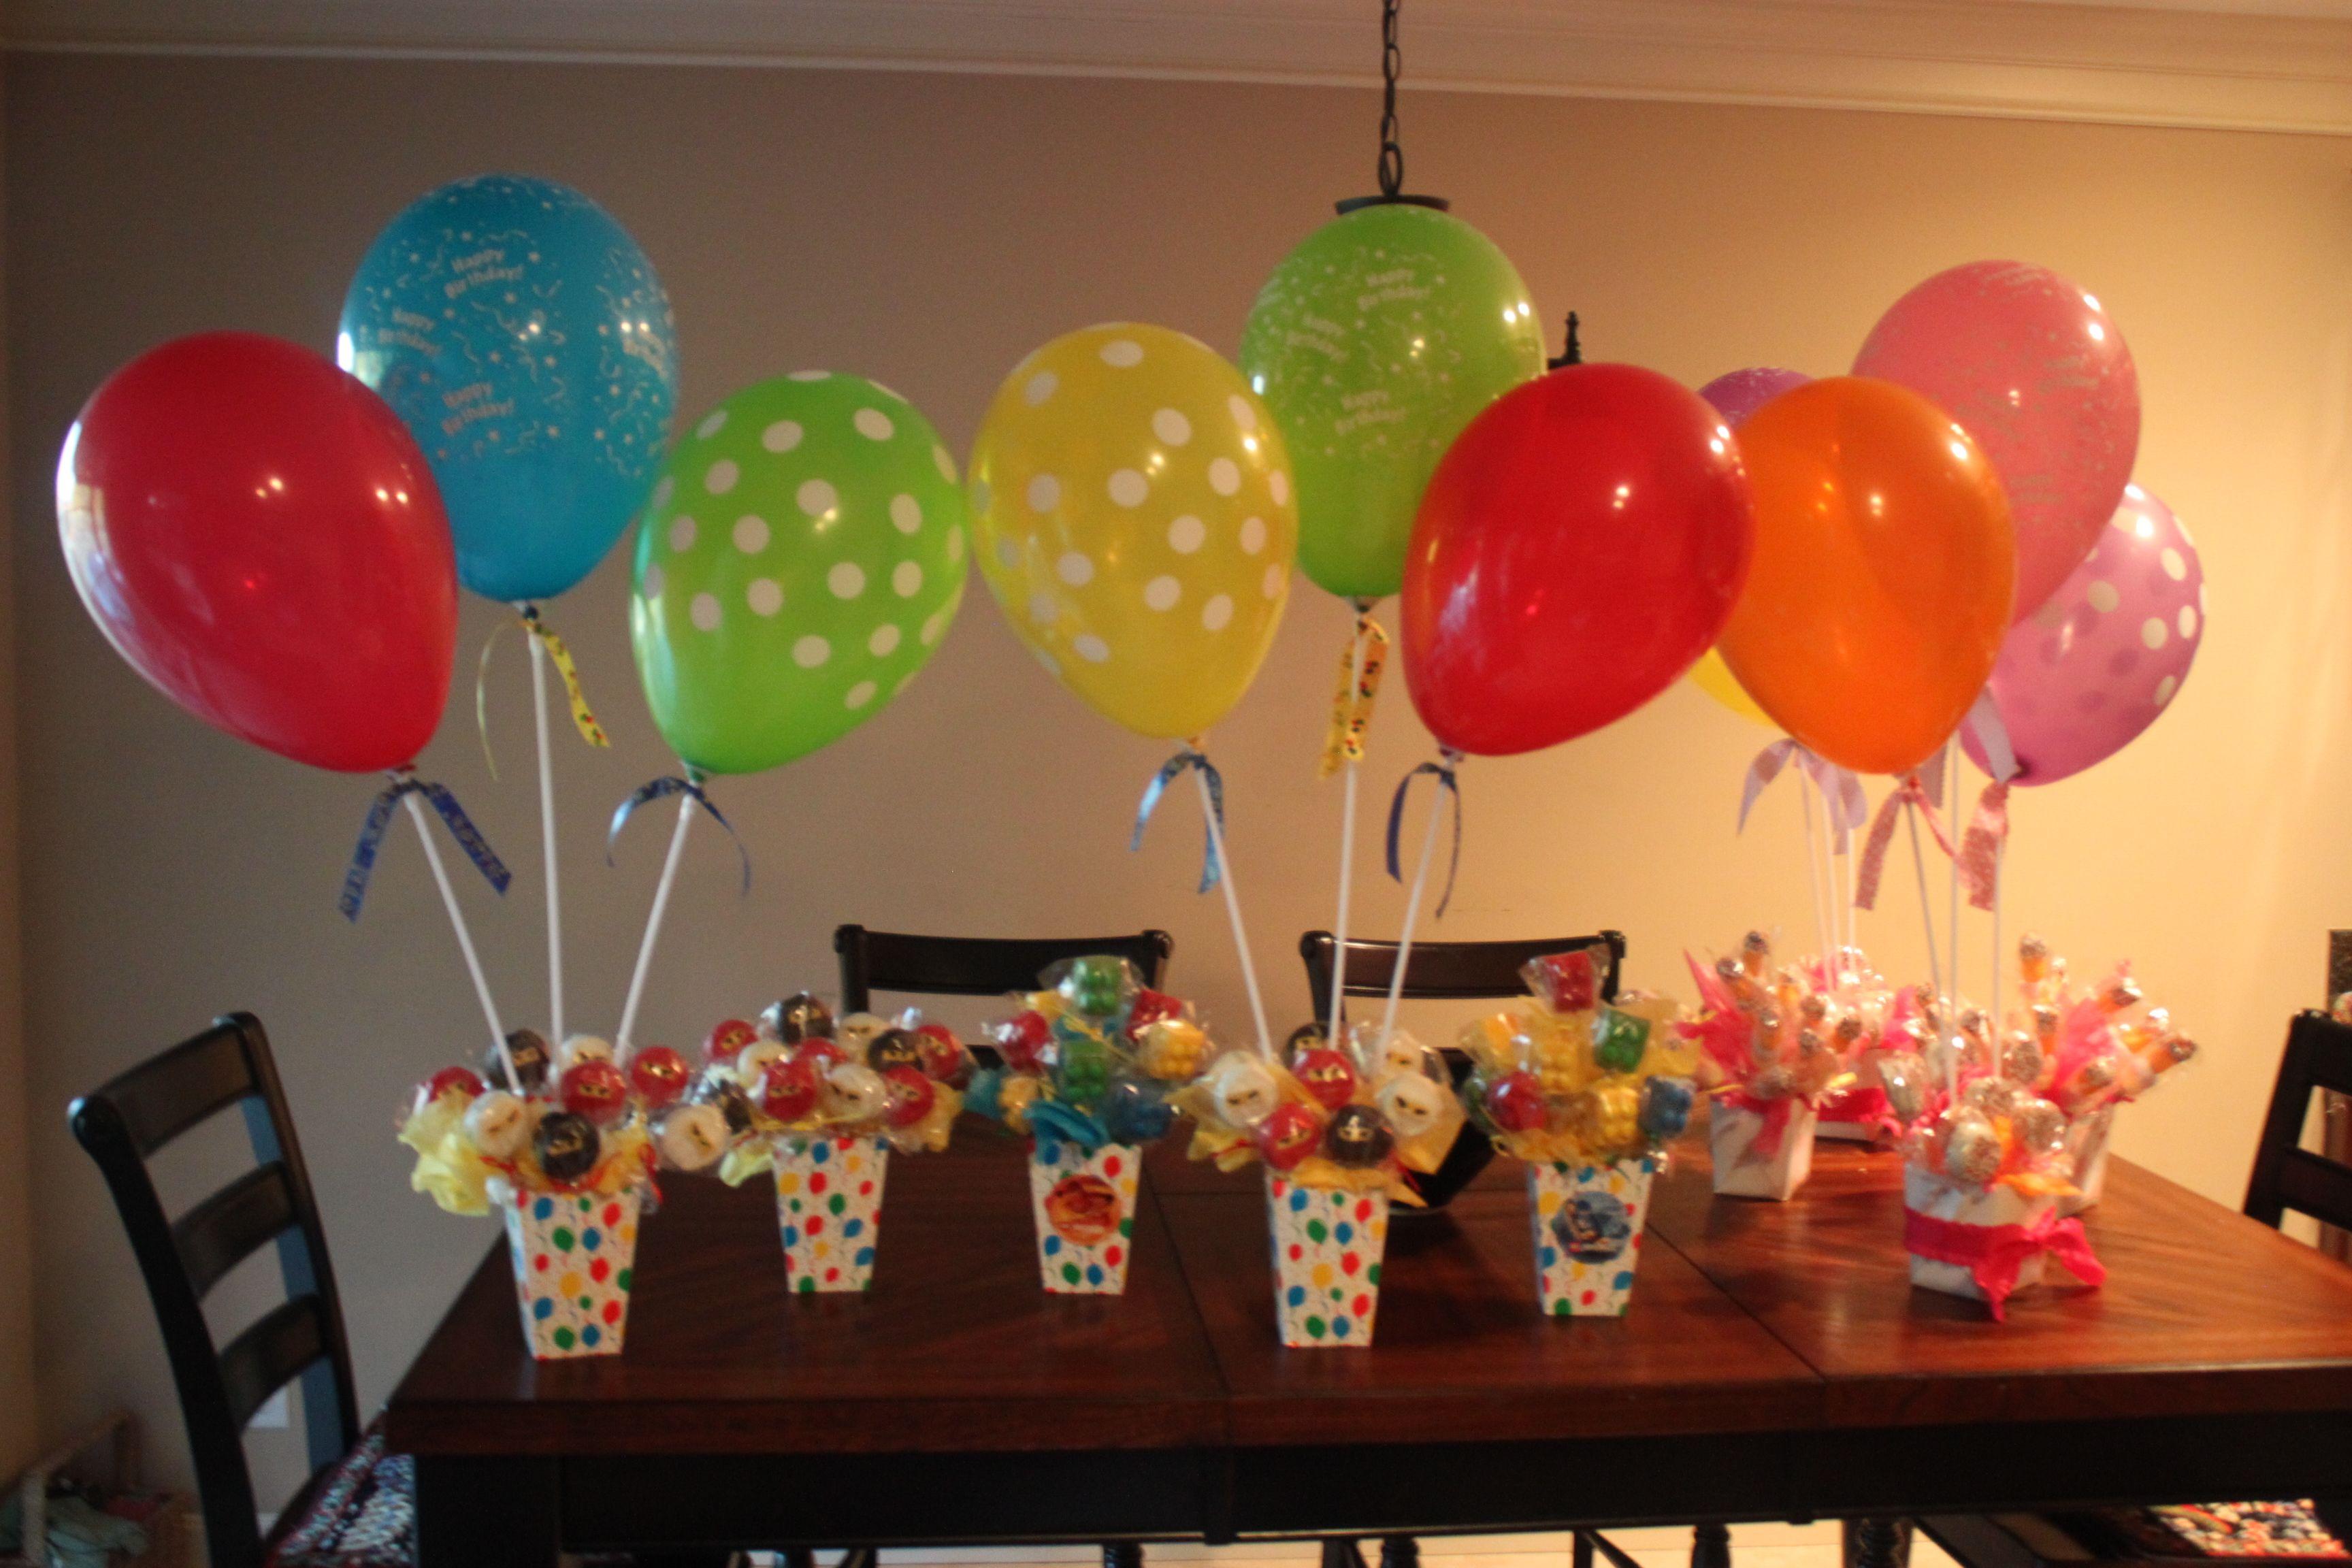 Balloon stick centerpieces for outdoor party so